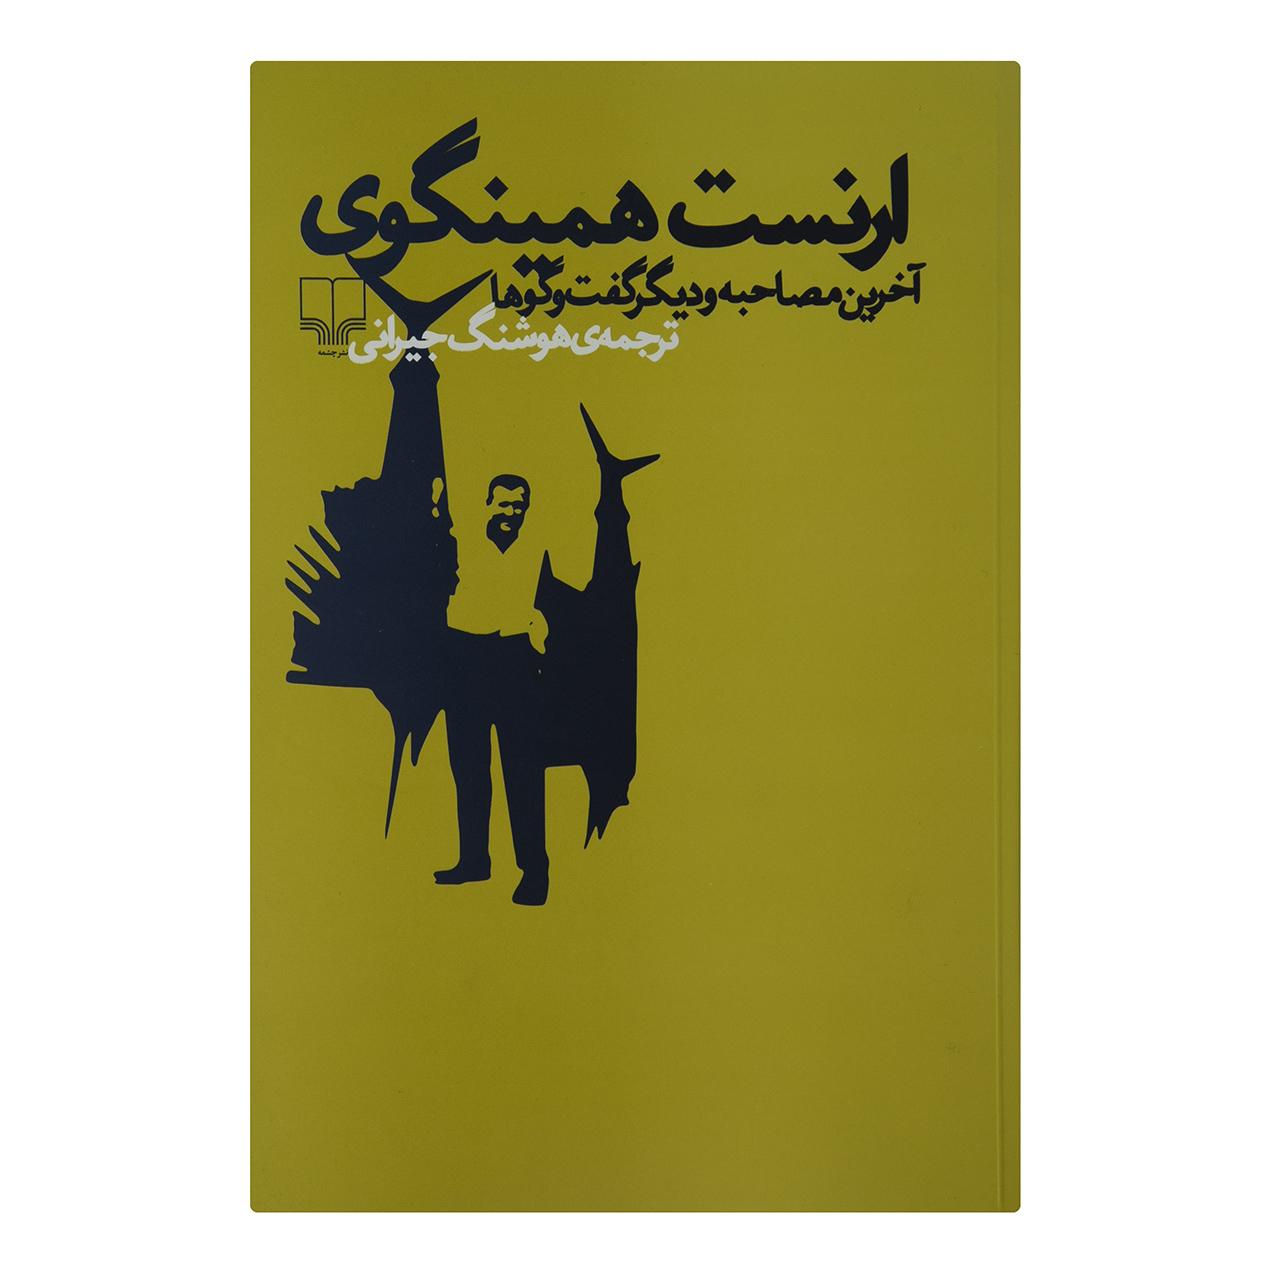 کتاب  آخرین مصاحبه و دیگر گفت و گوها اثر ارنست همینگوی نشر چشمه